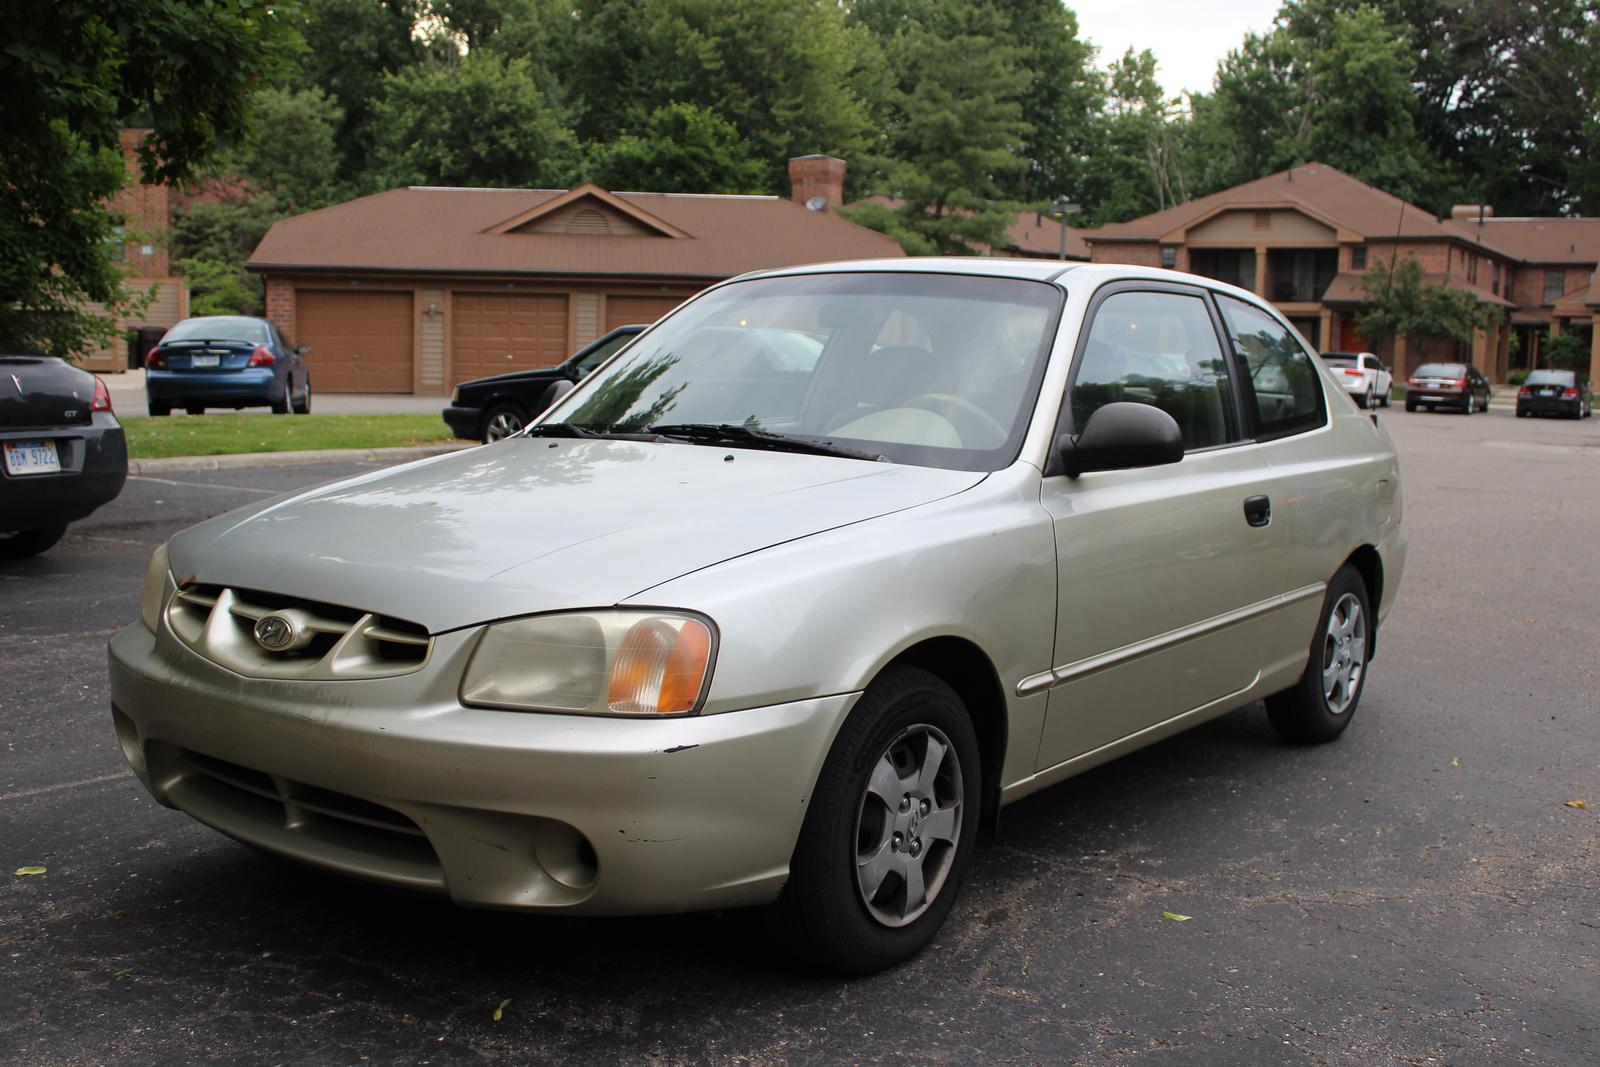 2002 Hyundai Accent - Pictures